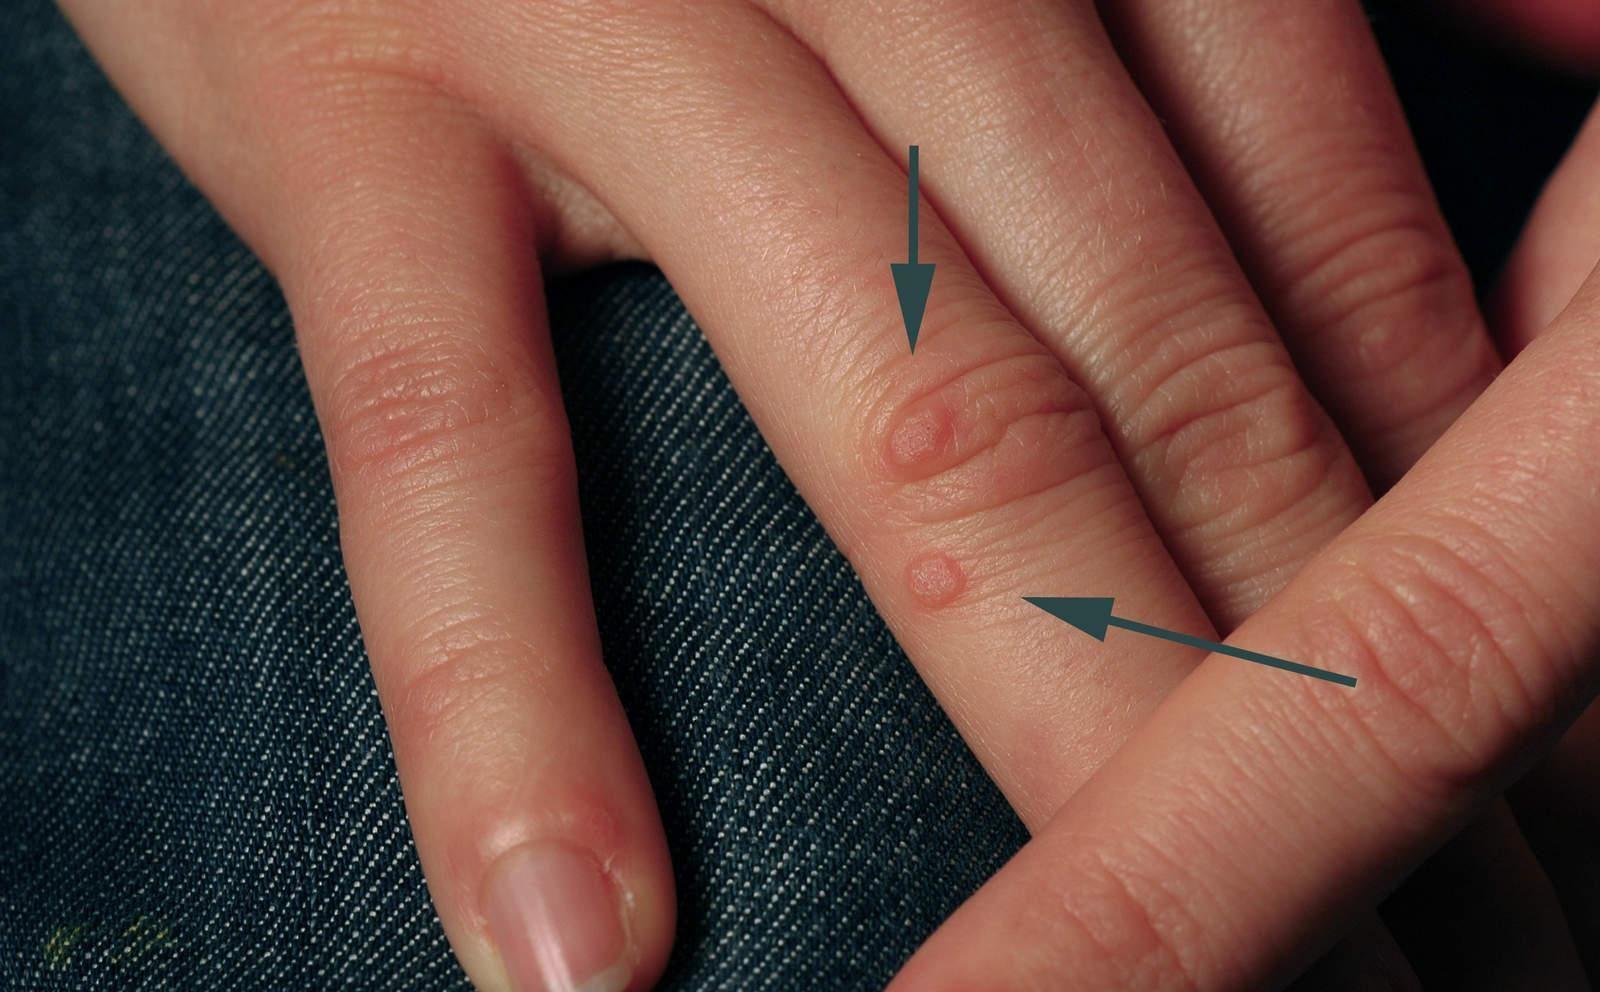 Удаление бородавок уксусом, как избавиться от бородавок уксусом